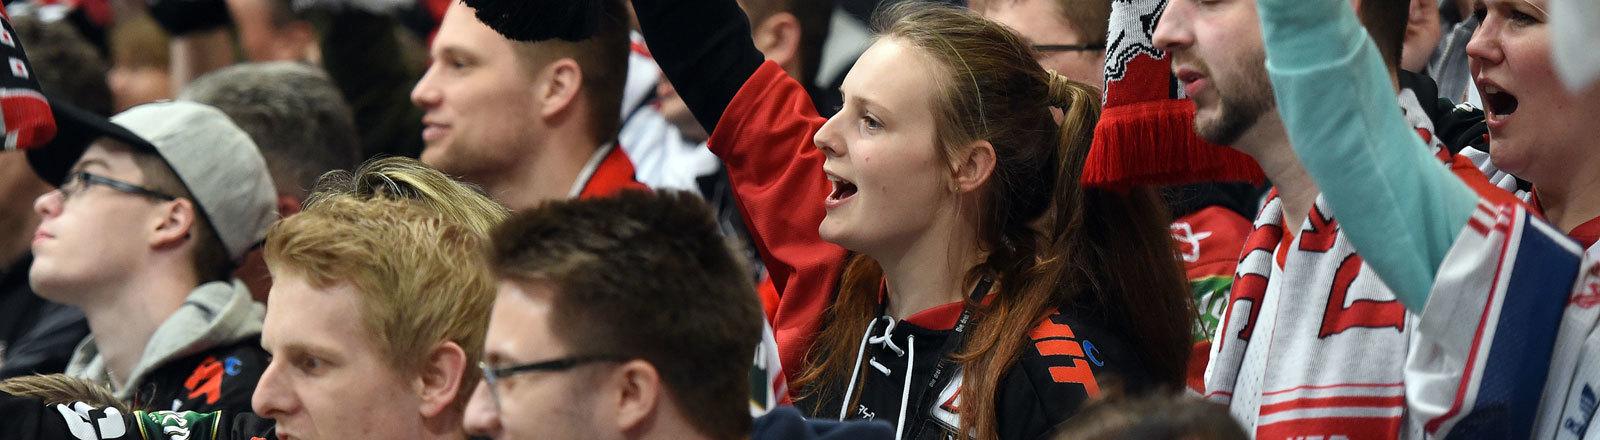 Eishockey: DEL, Kölner Haie - EHC München, Meisterschaftsrunde, Halbfinale, 2. Spieltag am 01.04.2016 in Lanxess Arena, Köln. Kölner Fans feiern ihre Mannschaft.